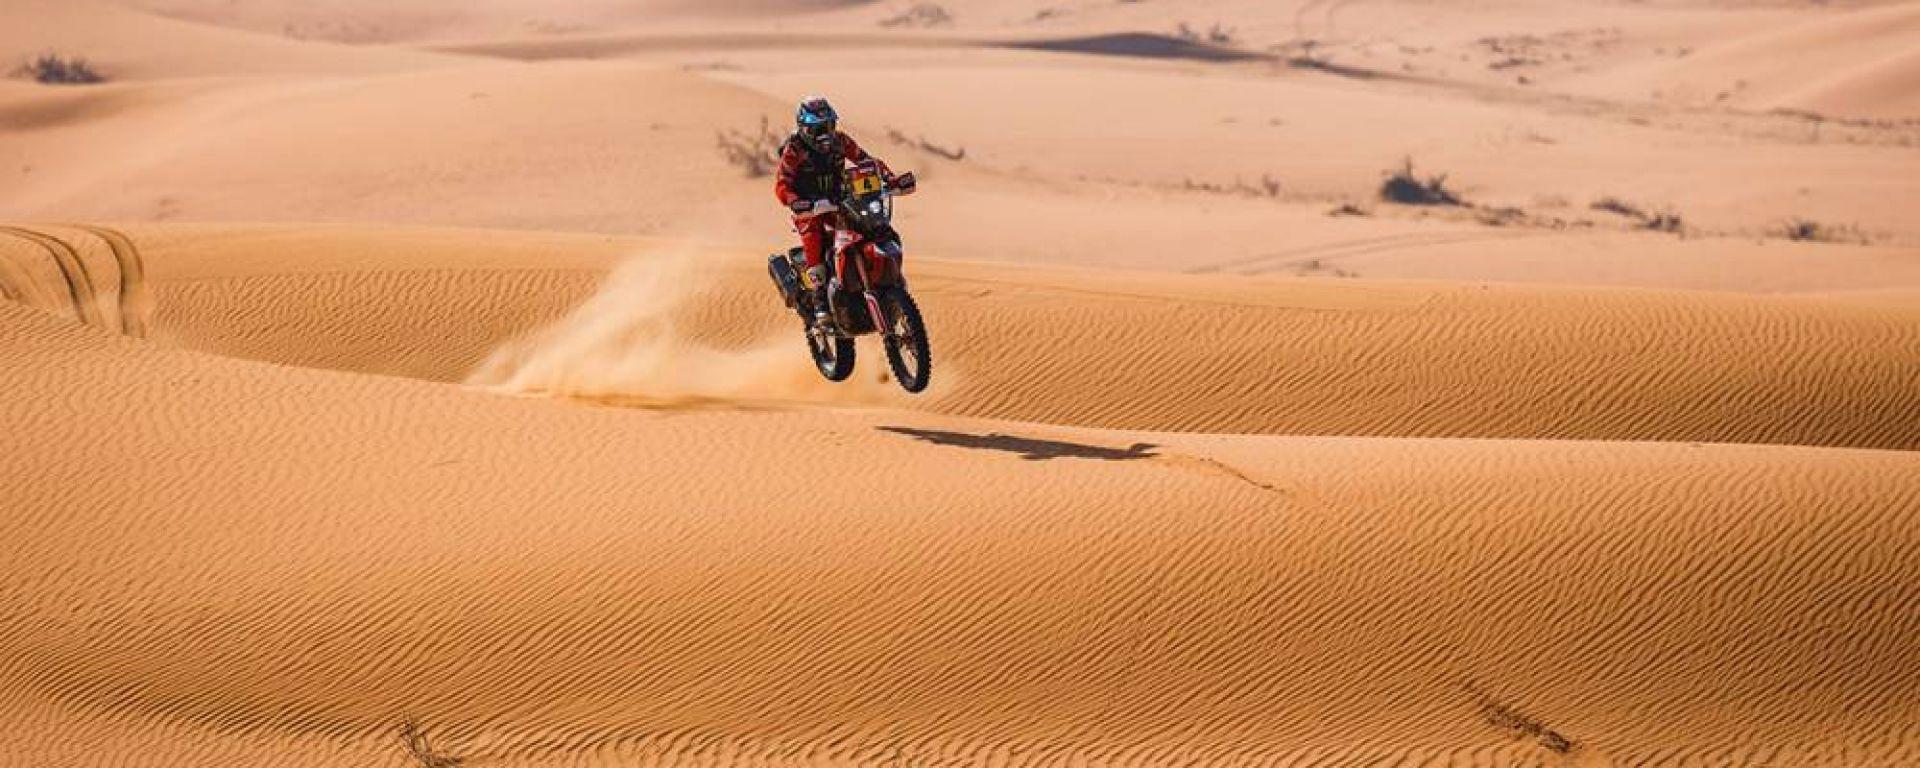 Dakar Moto 2021: Jose Ignacio Cornejo Florimo